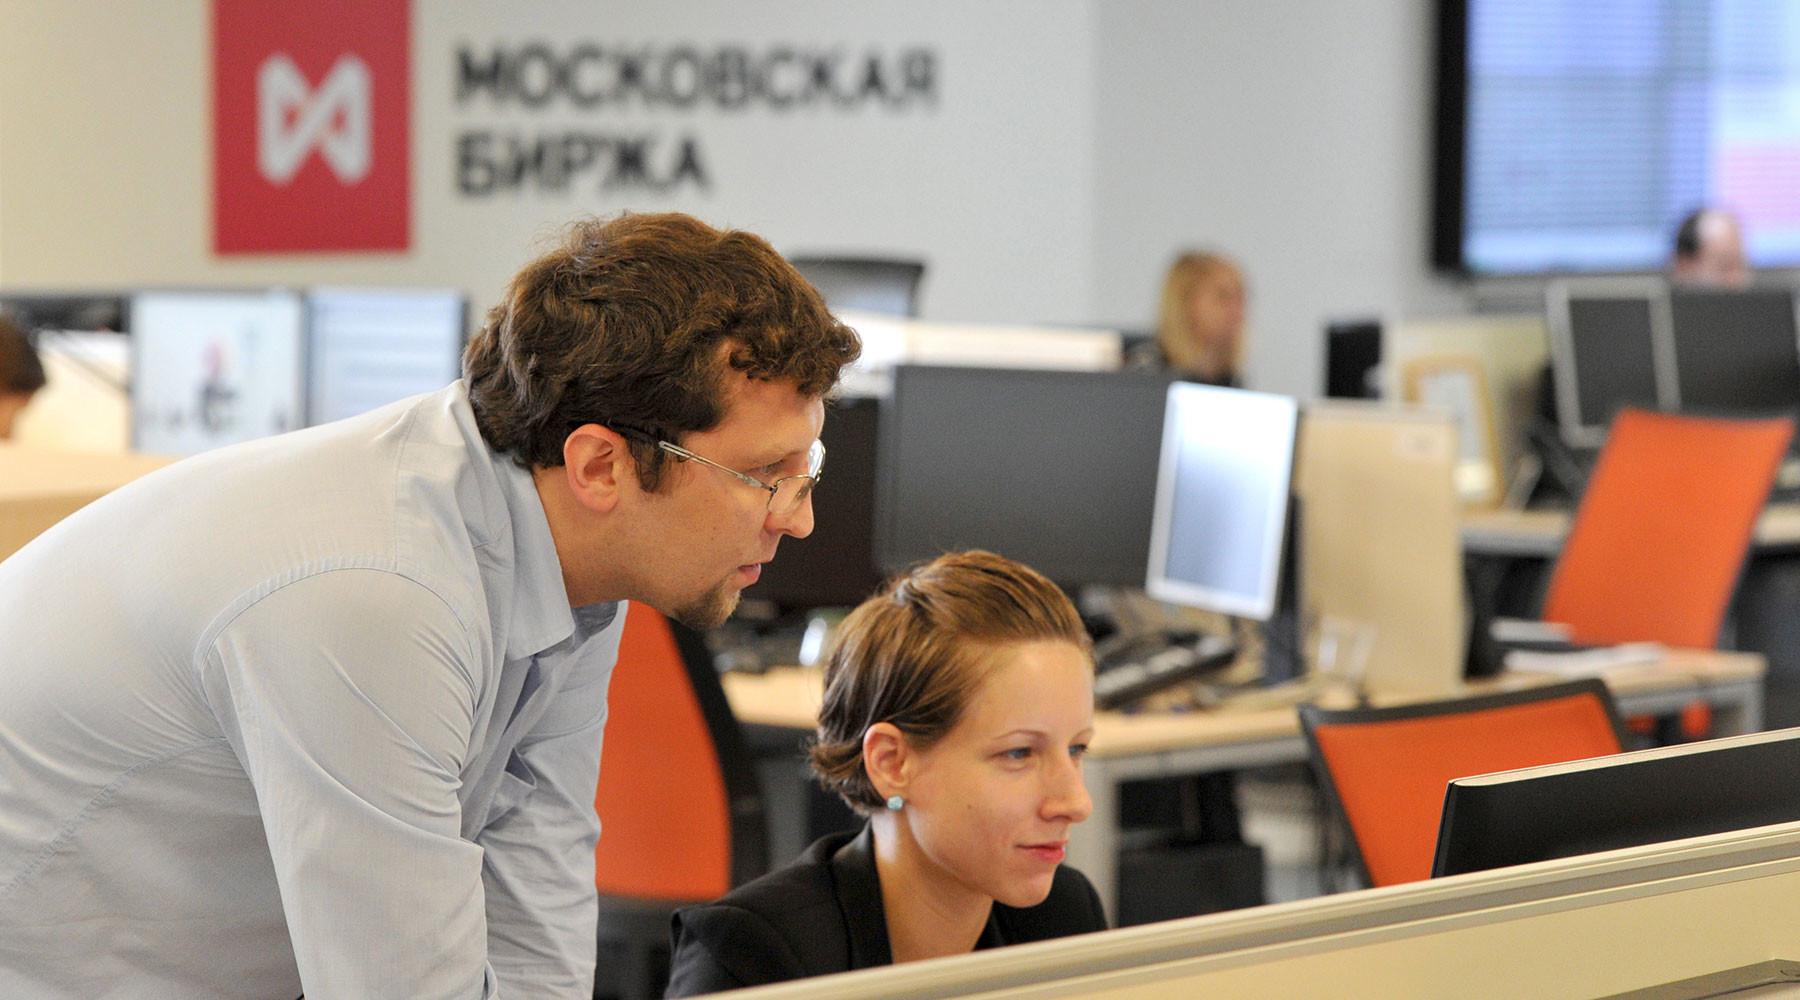 Сегодня Московская биржа расширит перечень бумаг на вечерней сессии